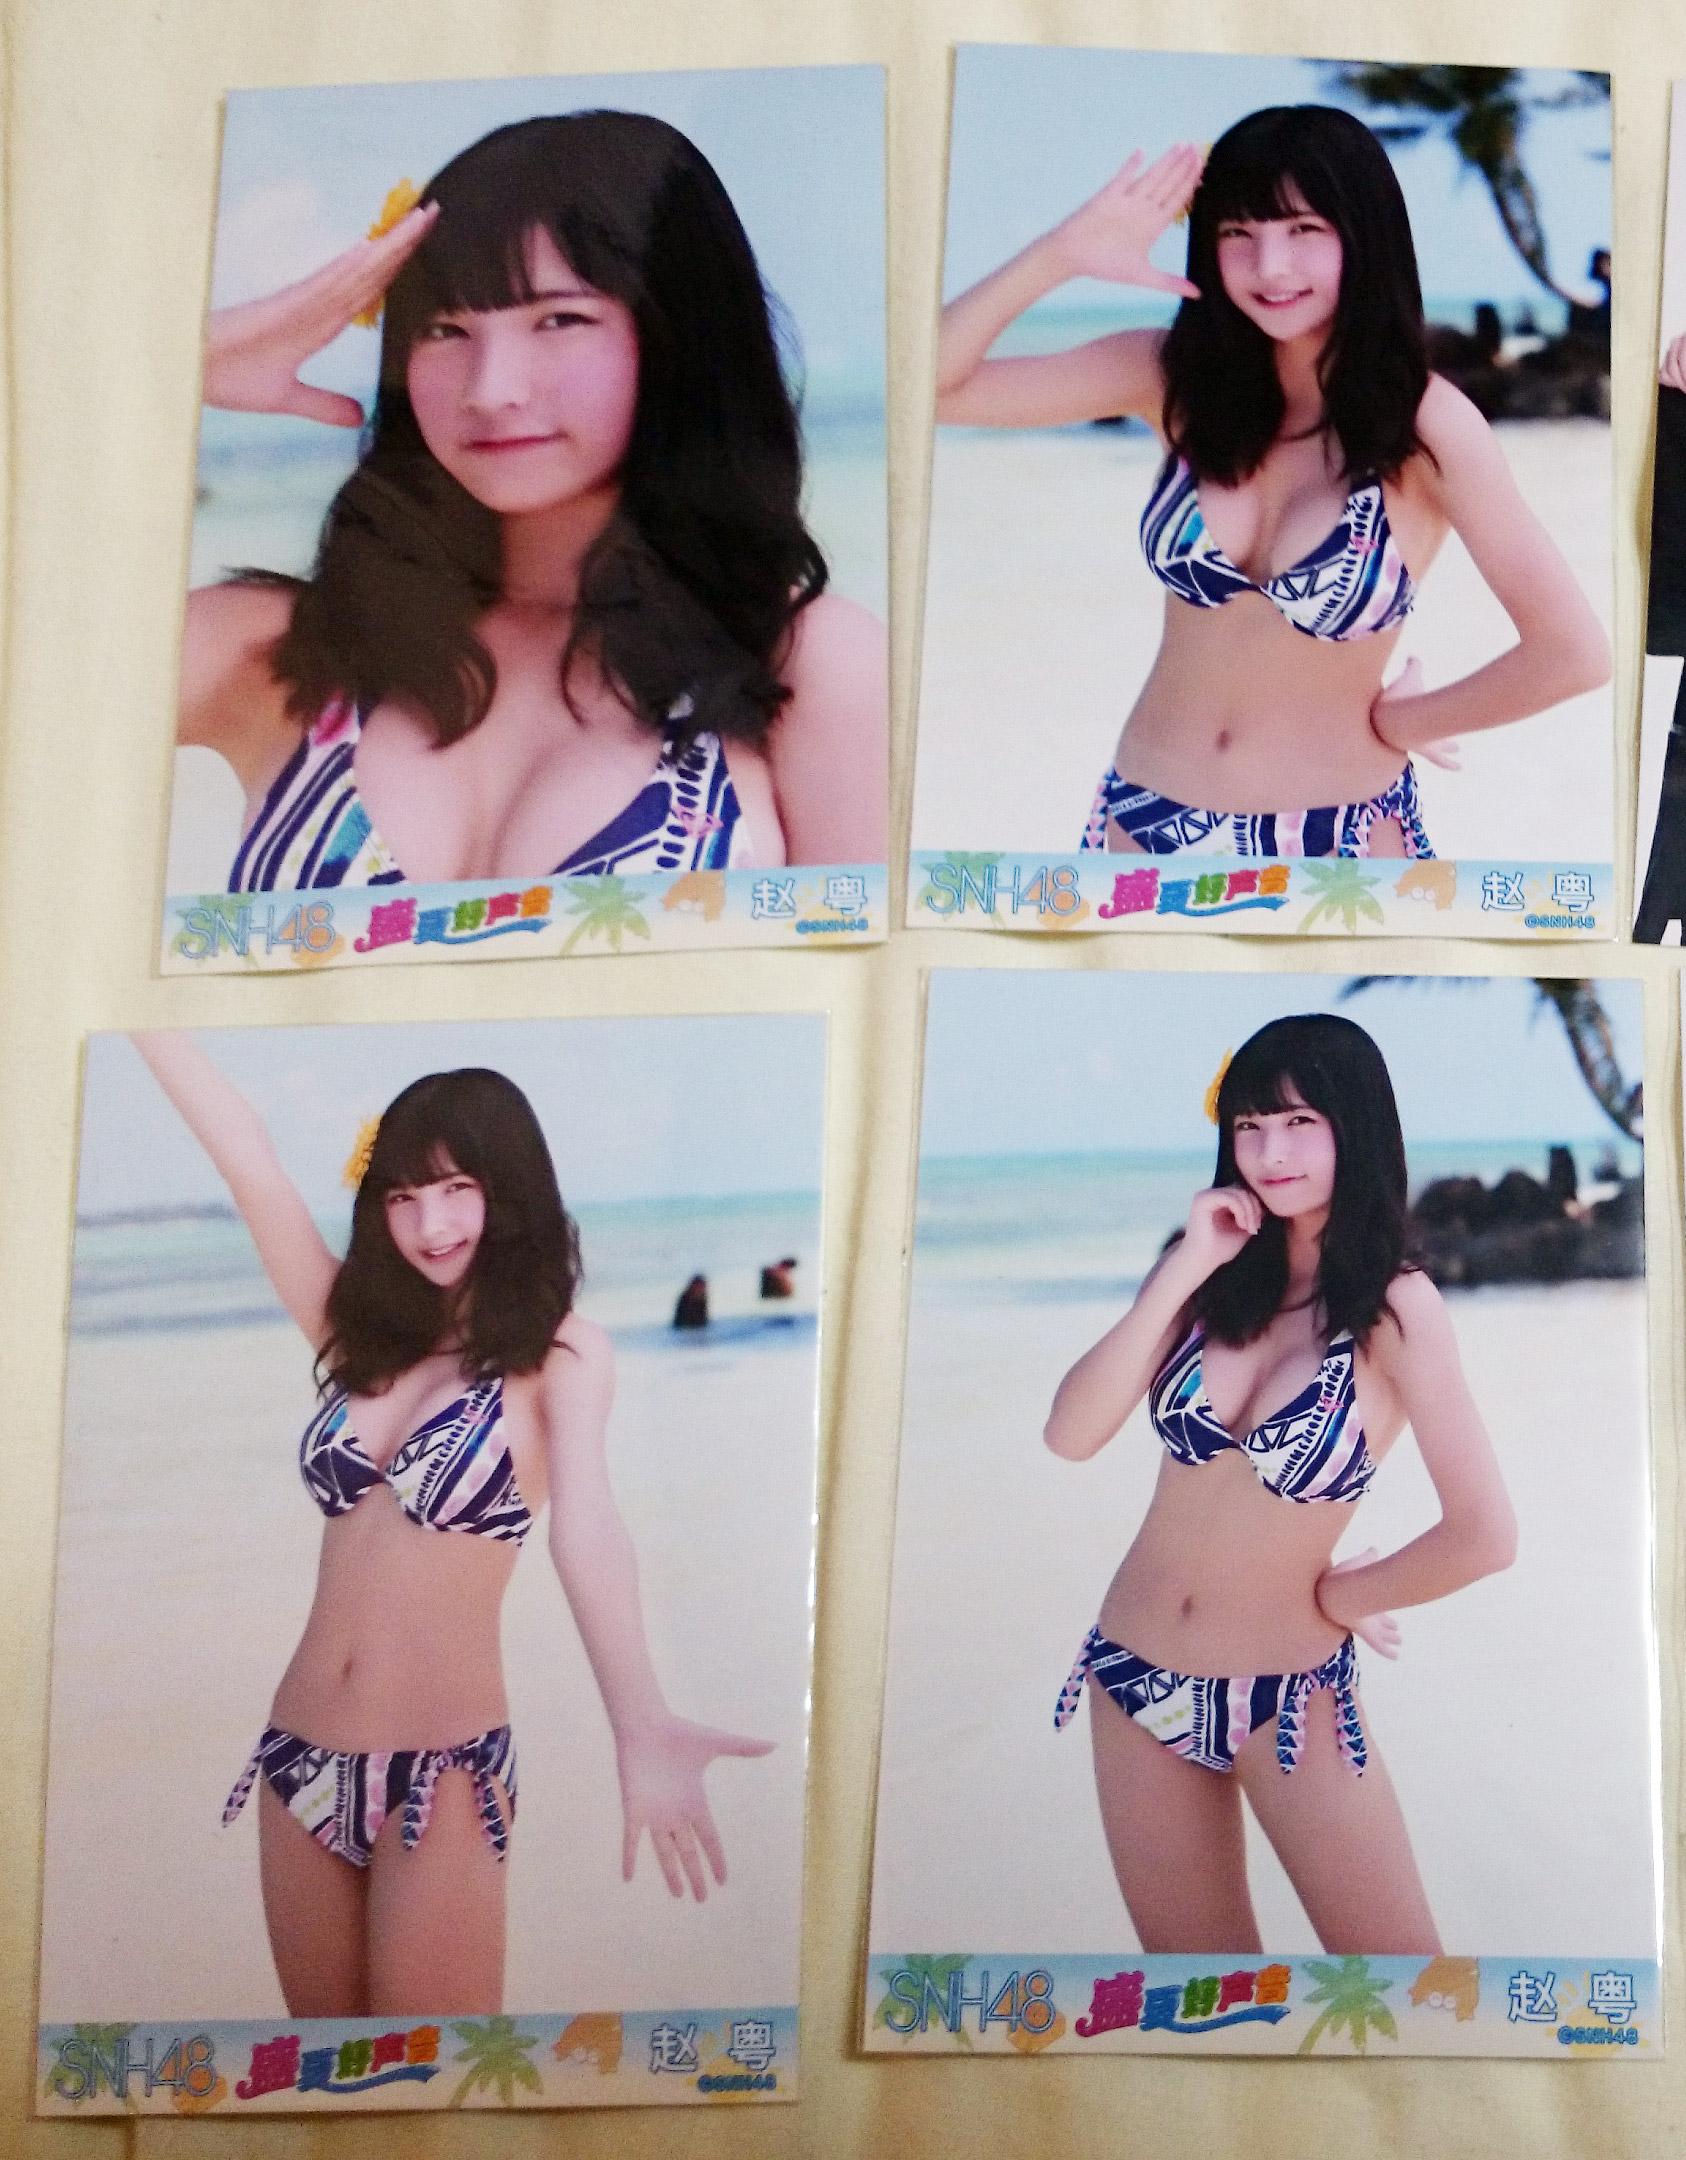 SNH48水着生写真ユーミー(チャオ・ユエ)、ななこ(ジャン・シン)コンプなど